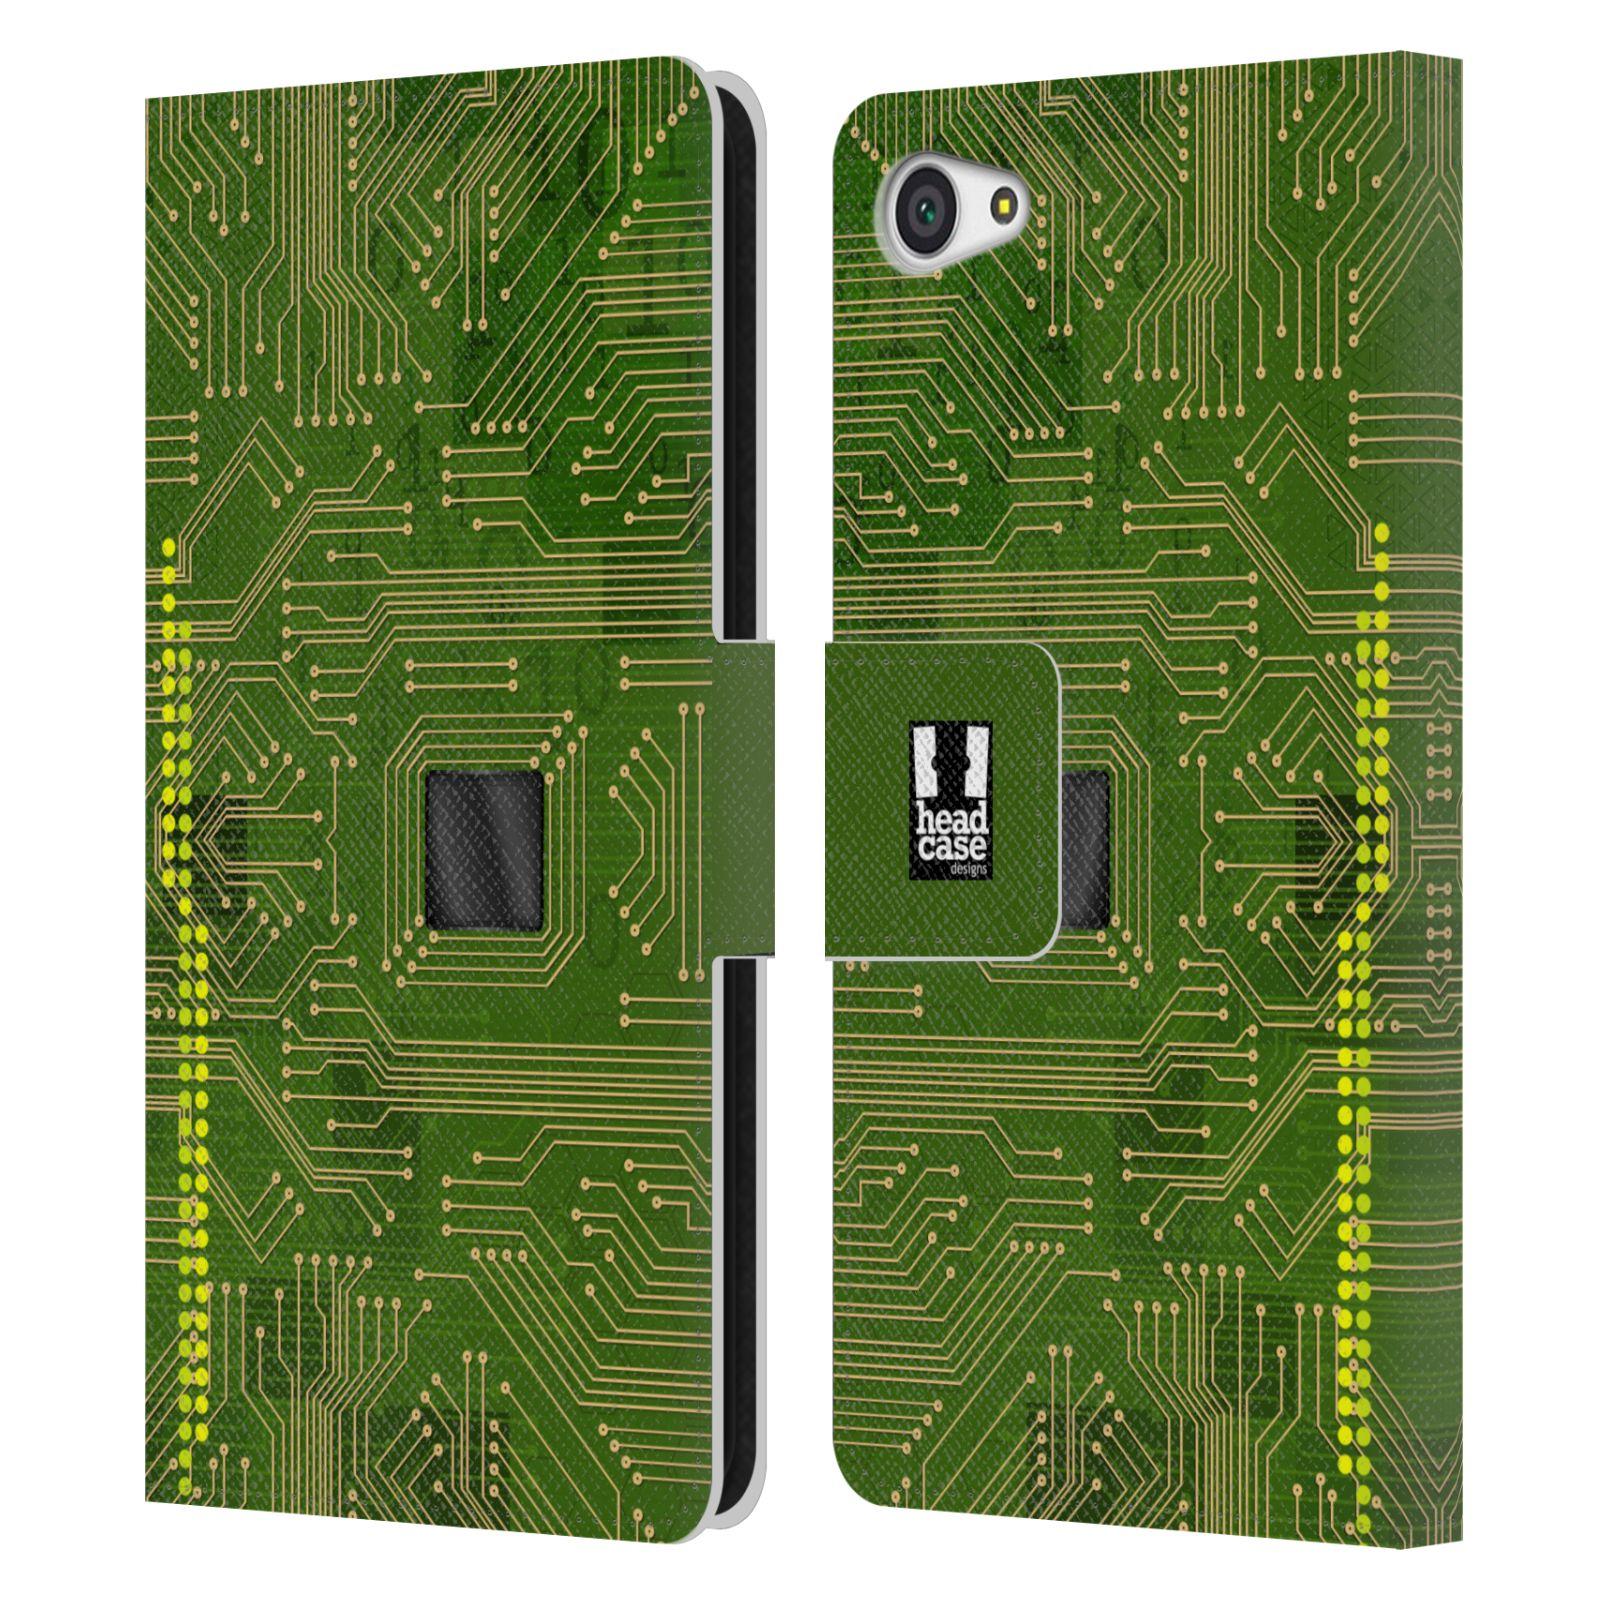 HEAD CASE Flipové pouzdro pro mobil SONY XPERIA Z5 COMPACT počítač základní deska zelená barva